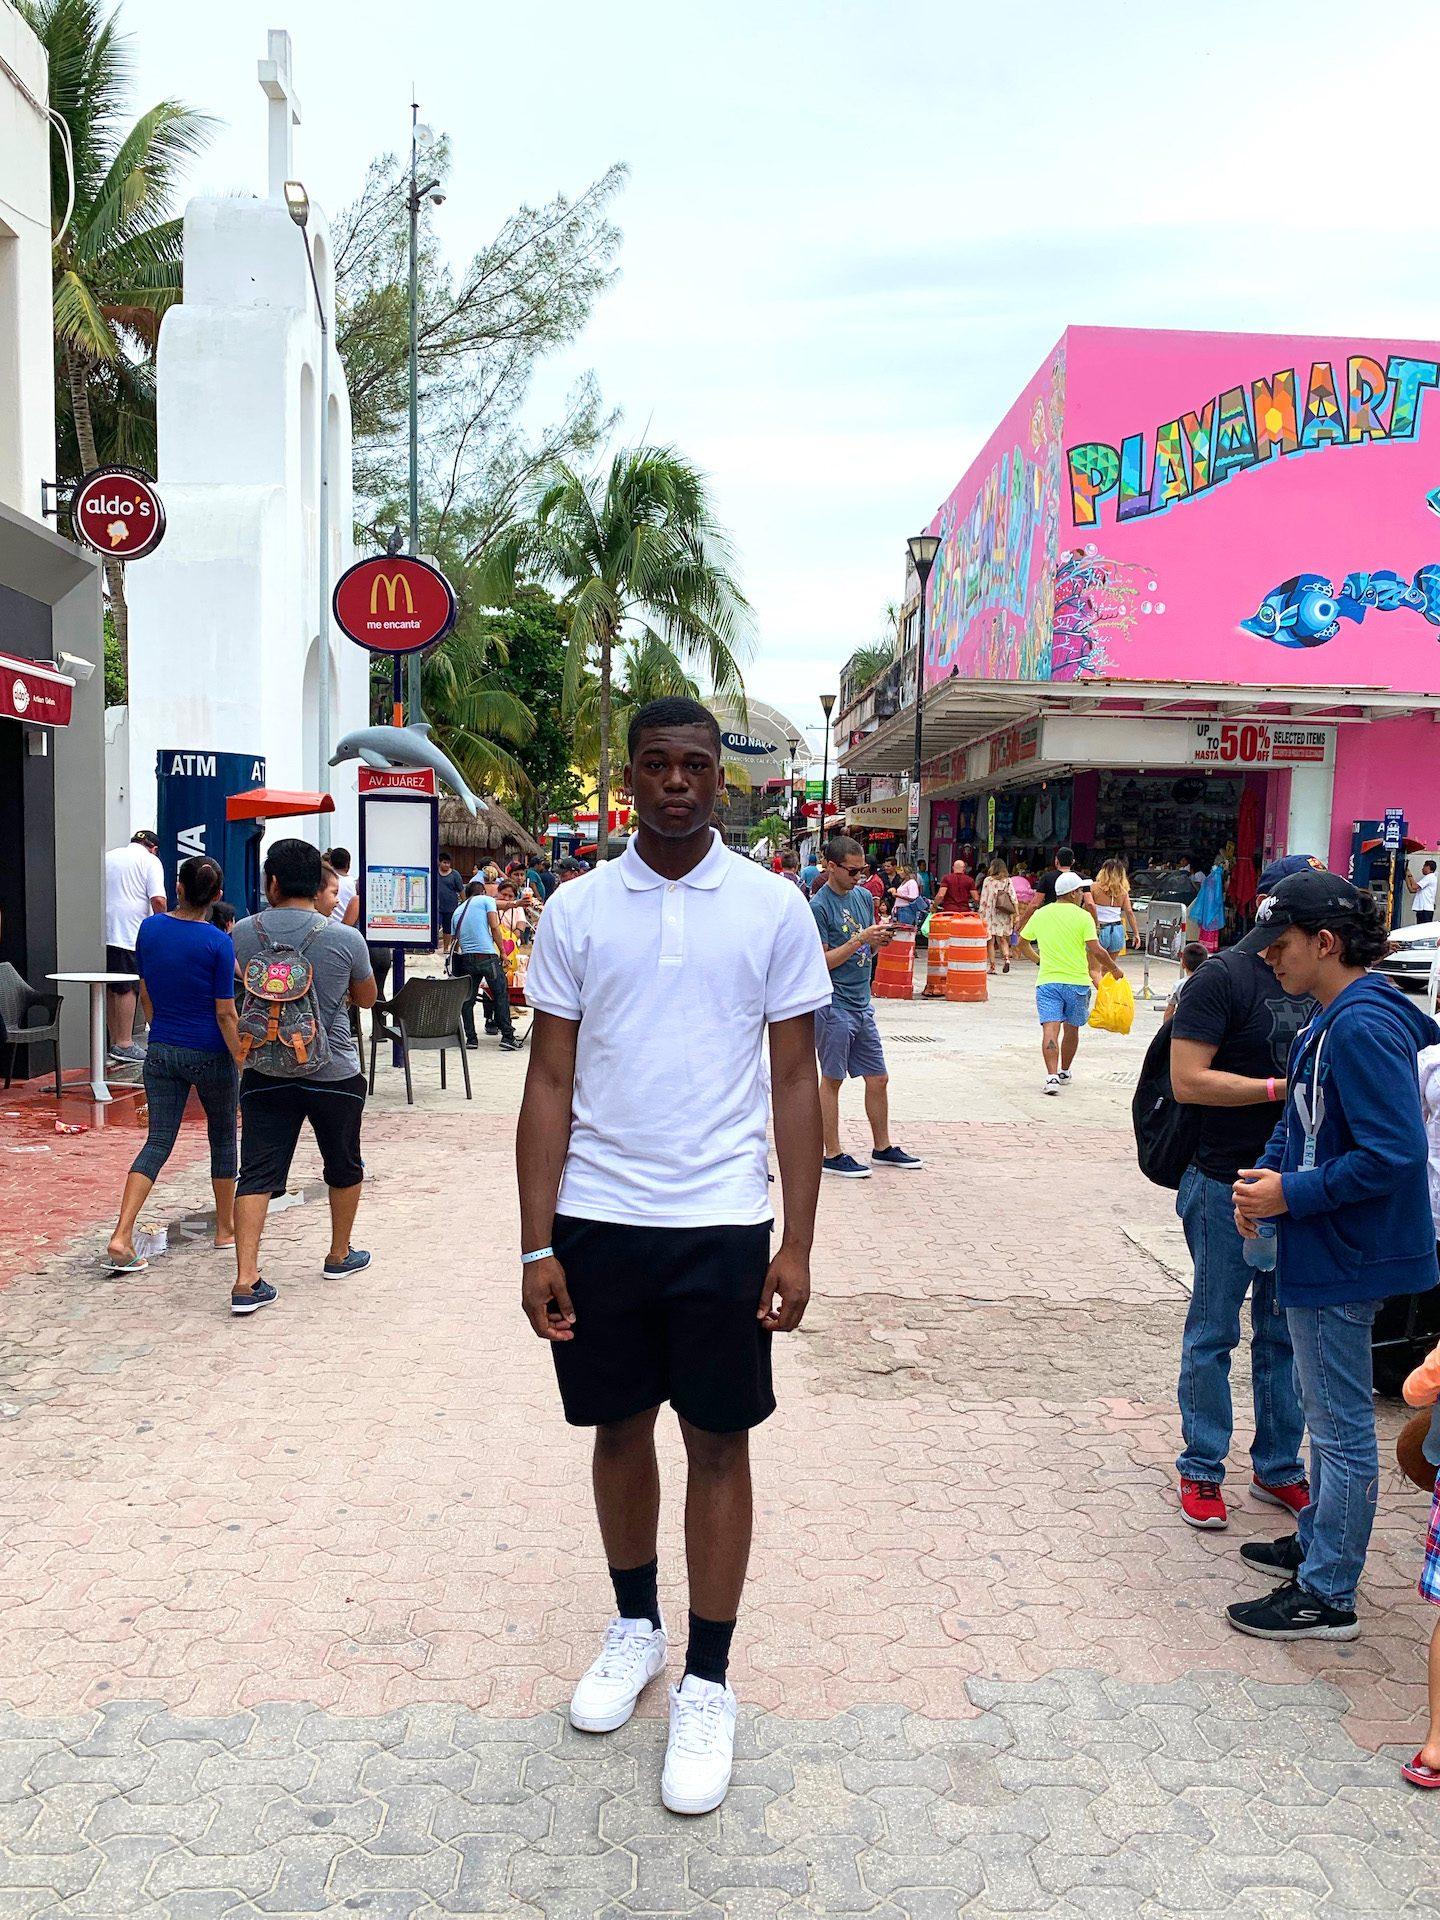 La Quinta Avenida Playacar